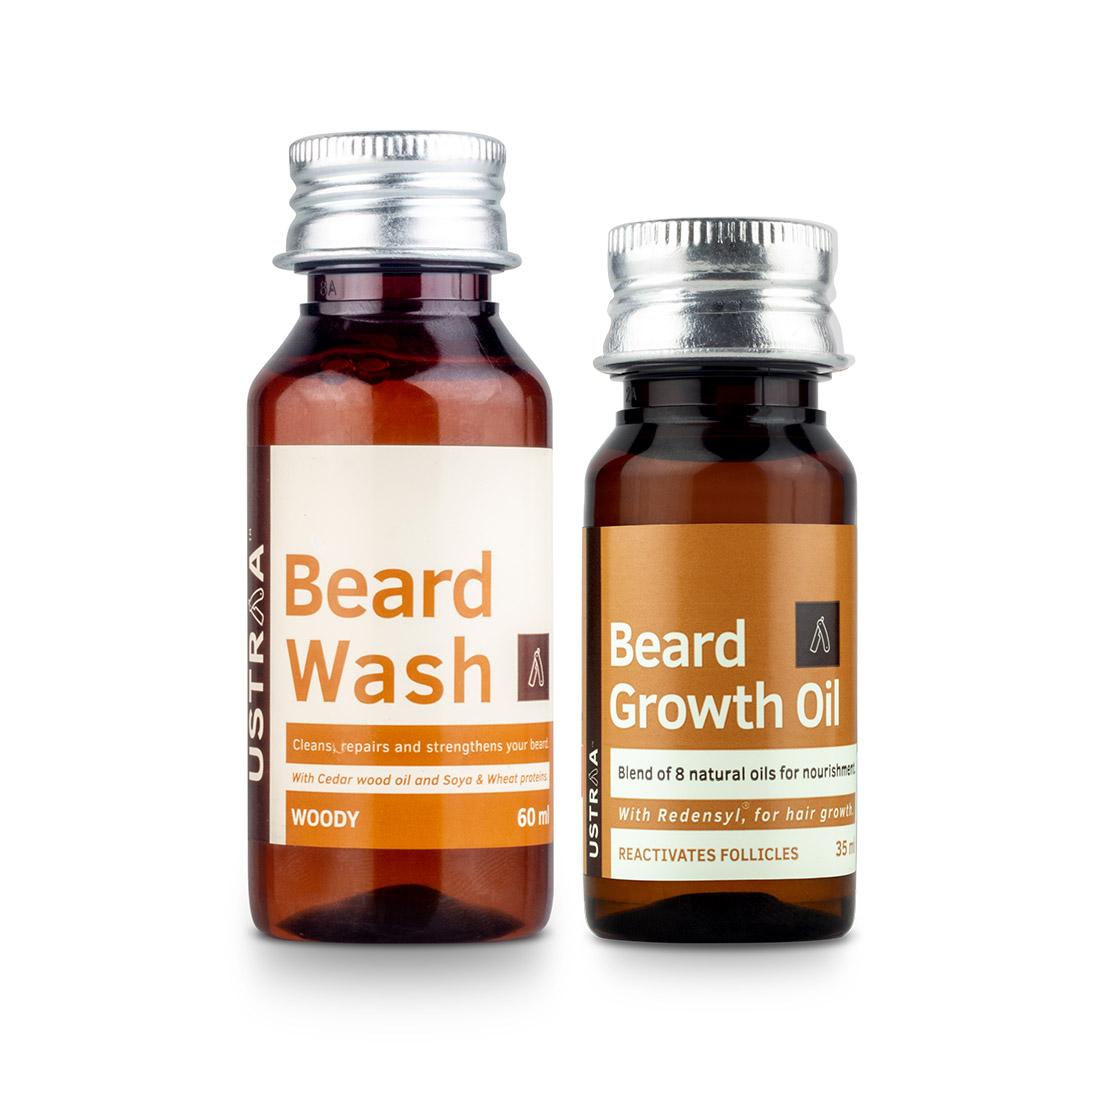 Ustraa | Ustraa Beard Growth Oil - 35ml and Beard Wash Woody - 60ml